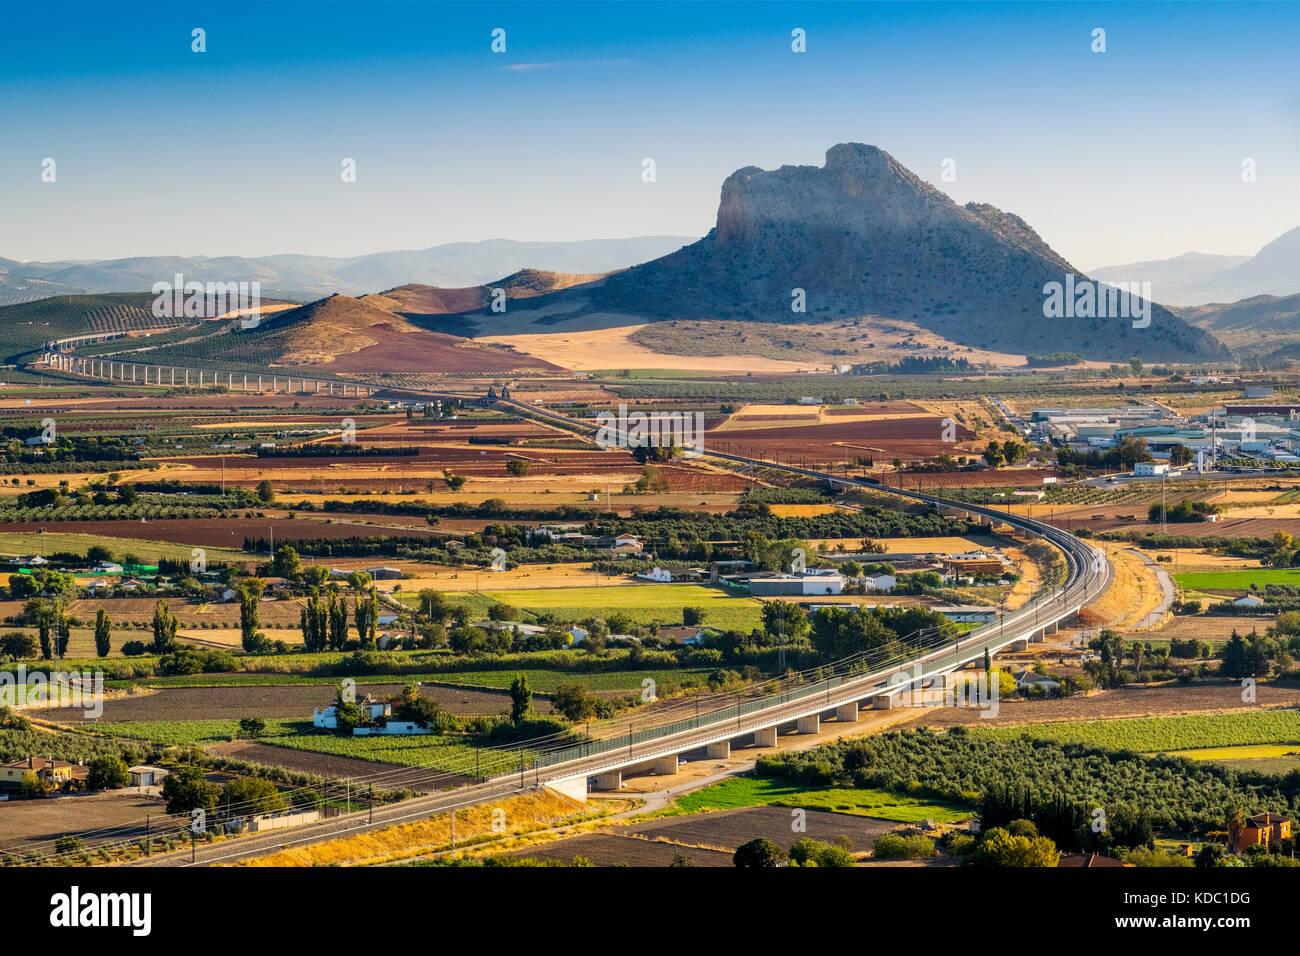 Panoramic view. La Peña de los Enamorados, Lovers Rock or Montaña del Indio & High Speed Train Line - Stock Image